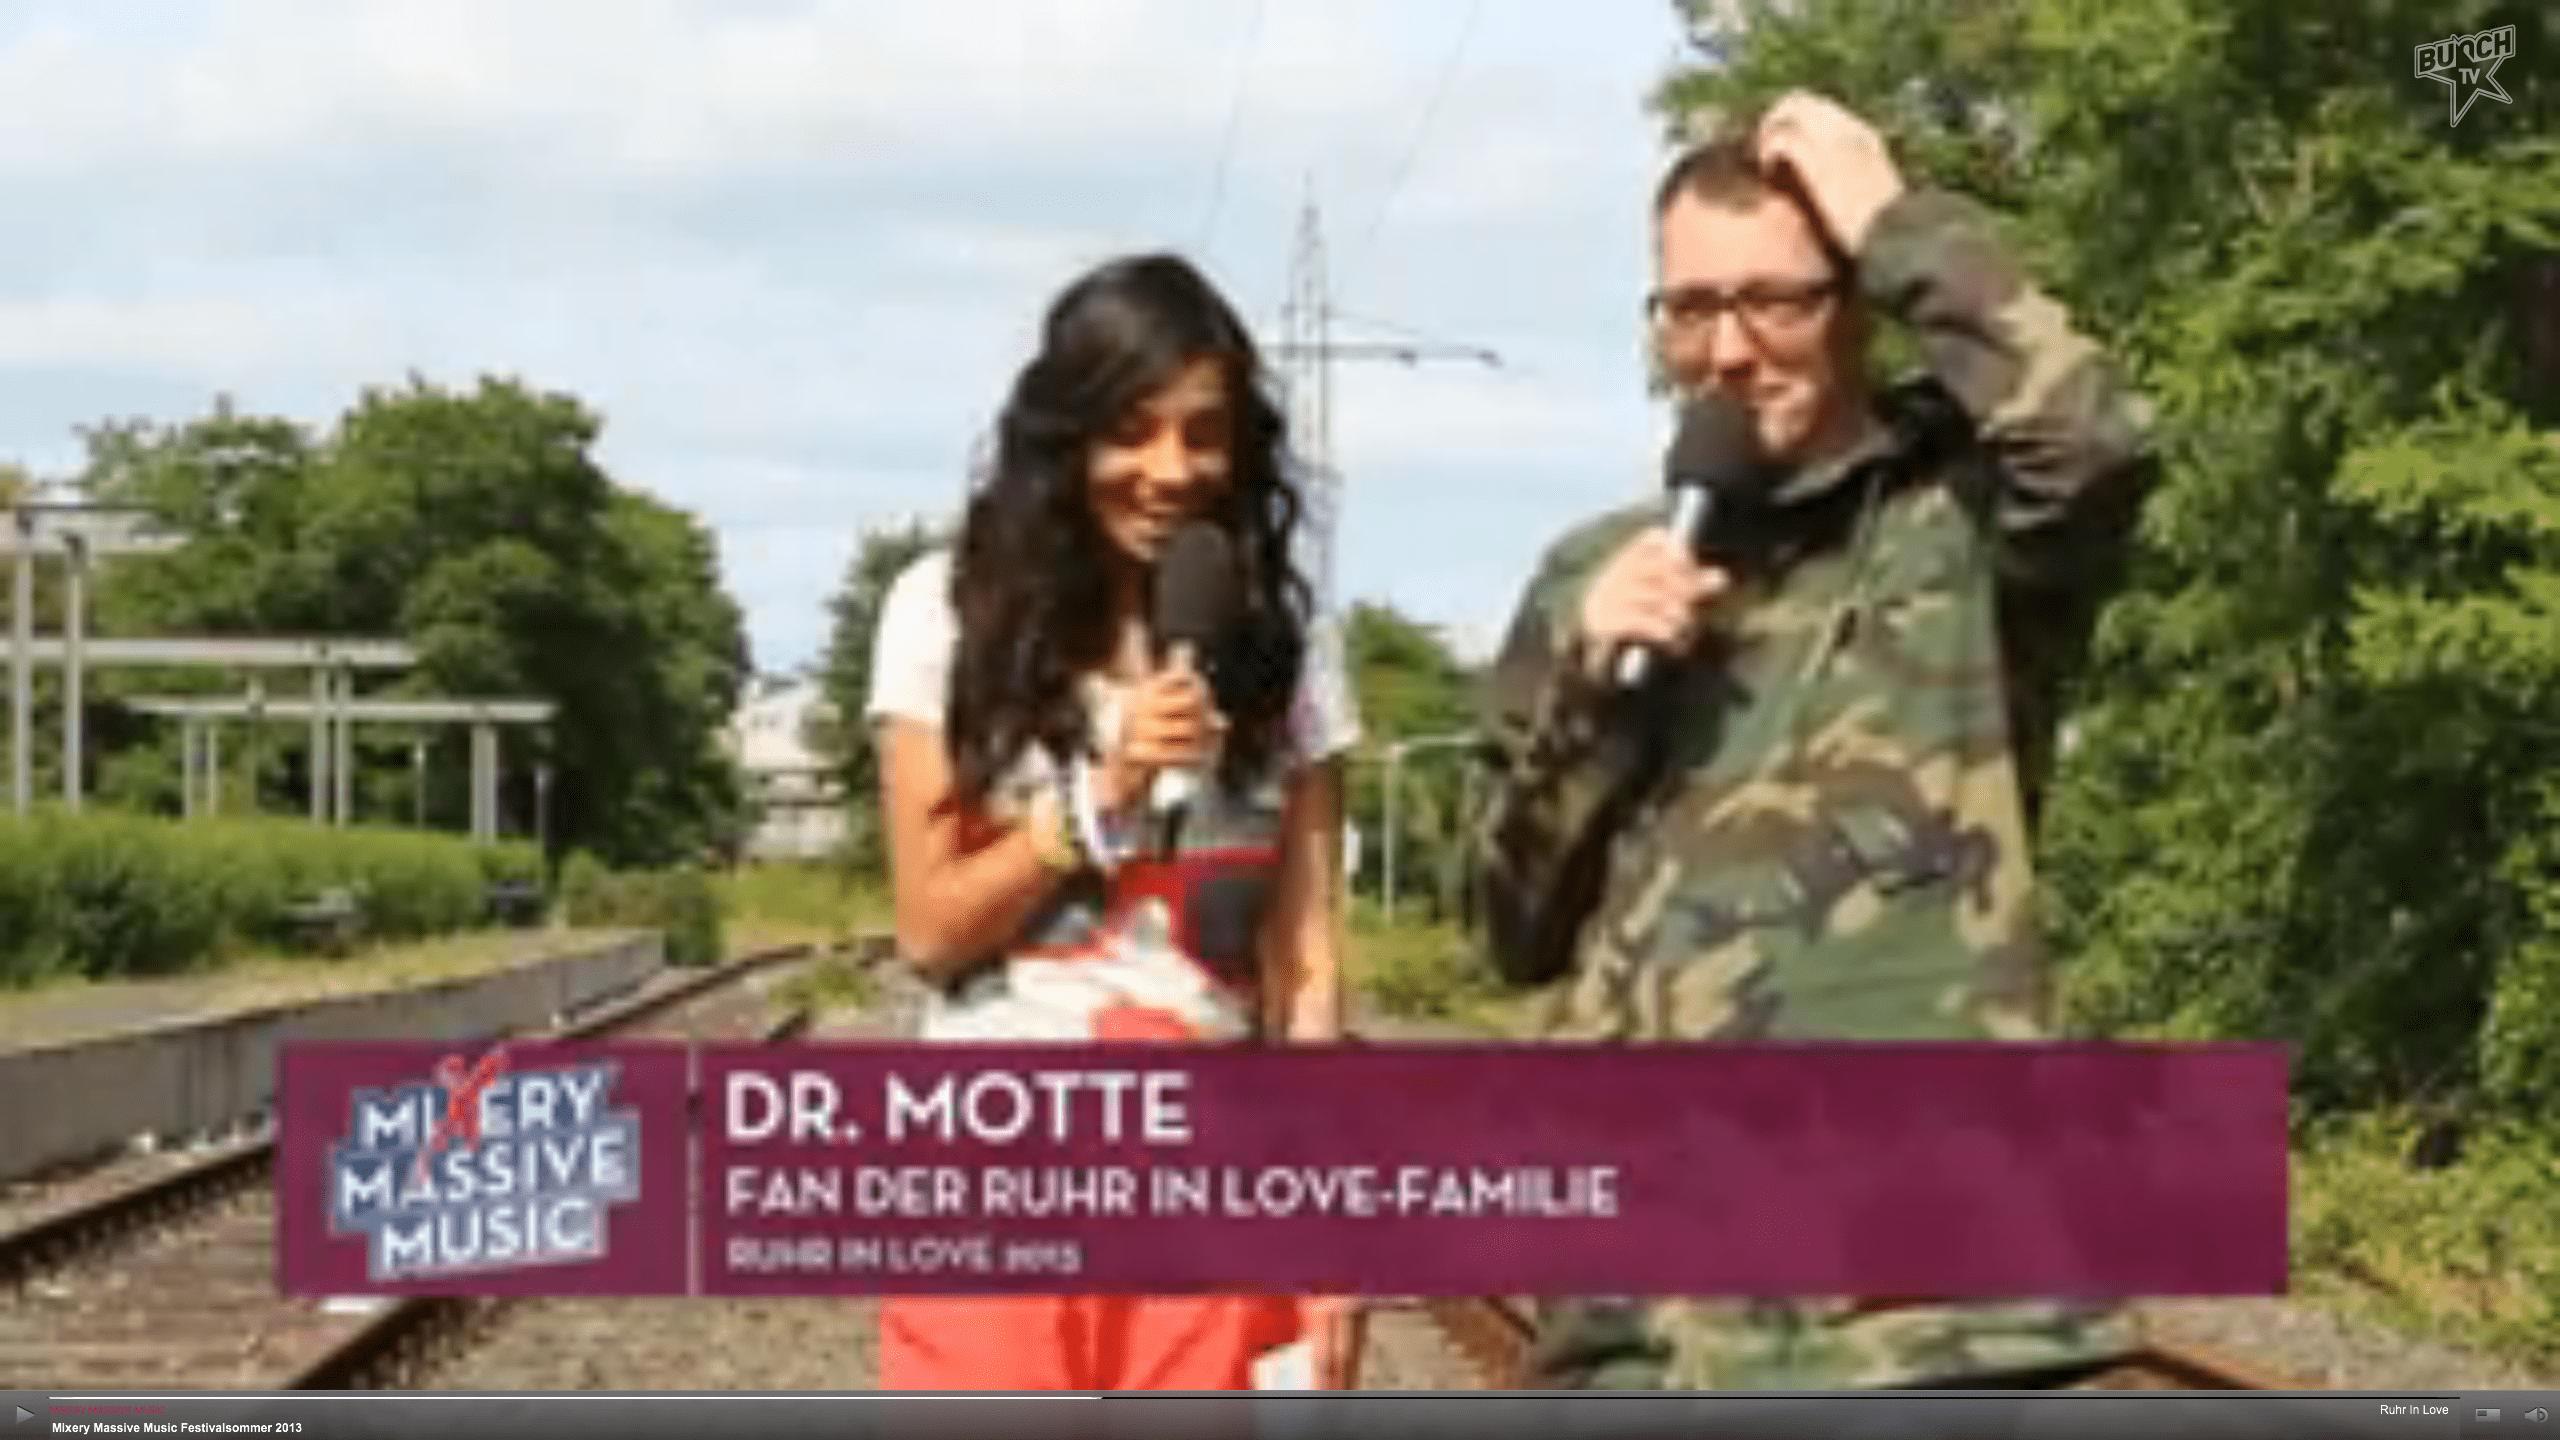 Dr. Motte @ Mixery Massive Music Festivalsummer 2013